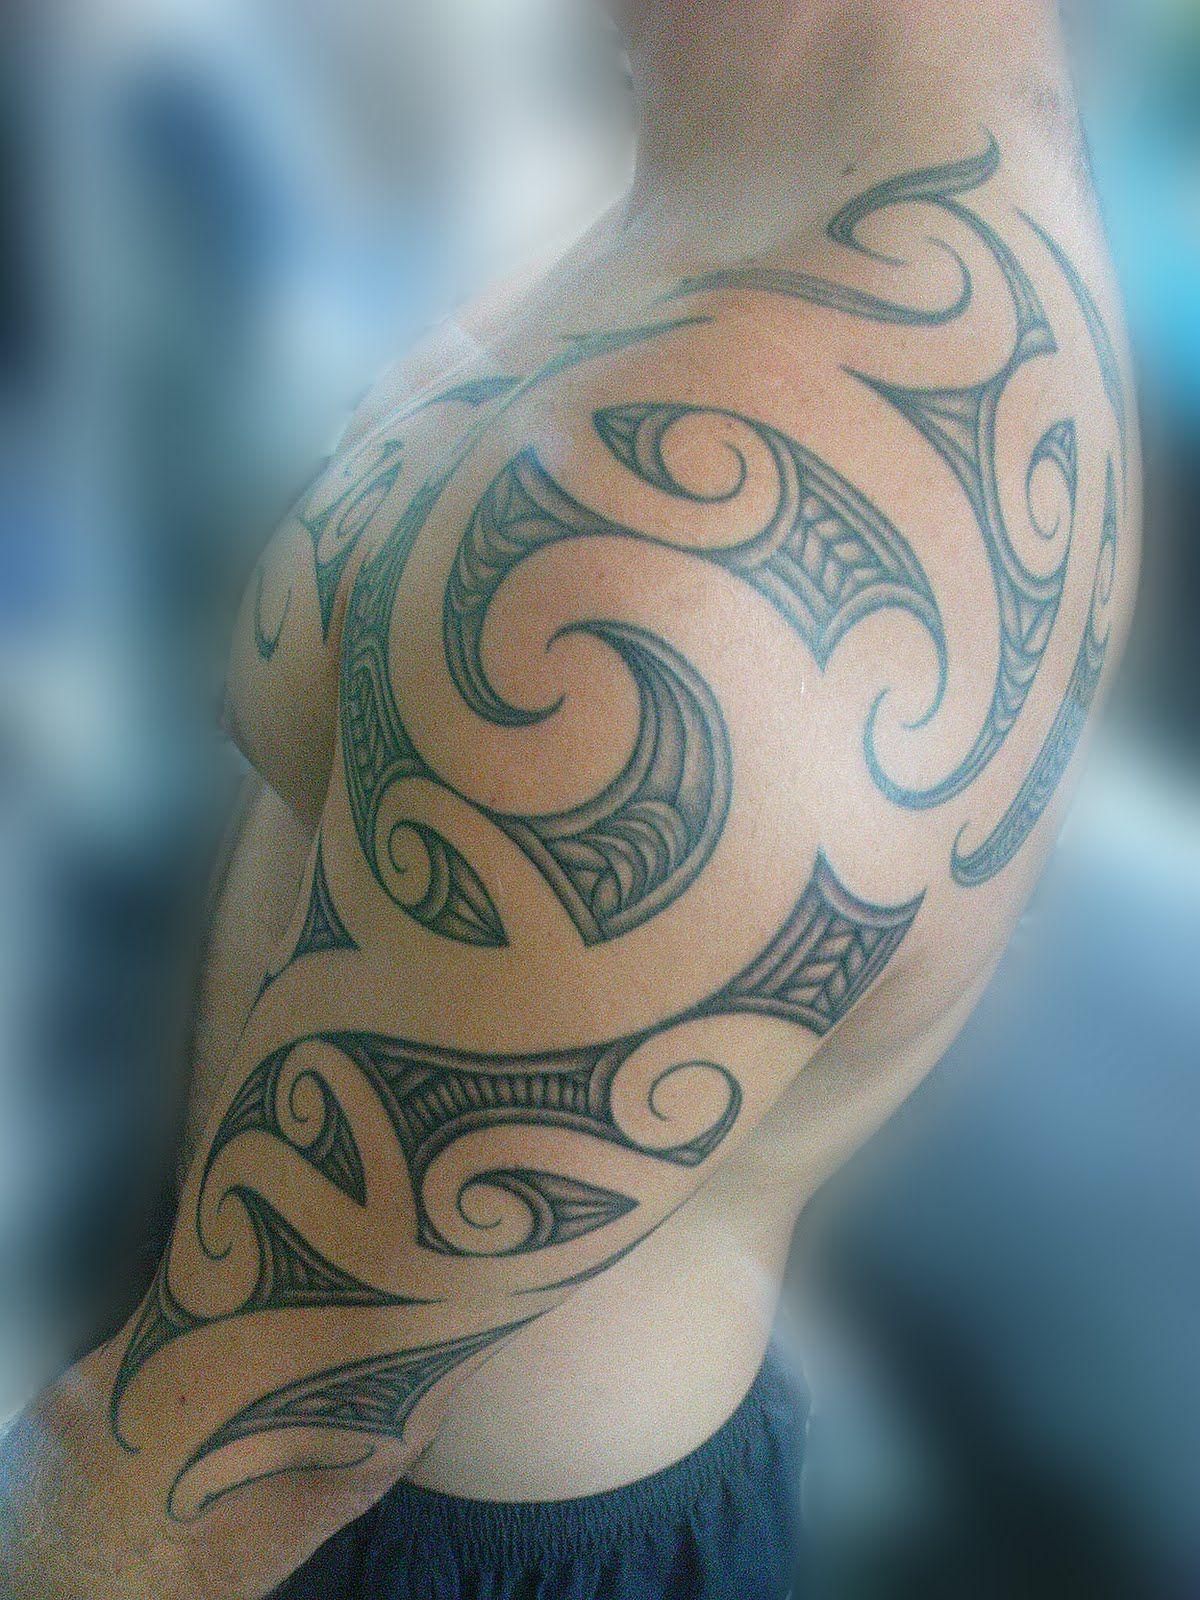 aotearoa tattoo